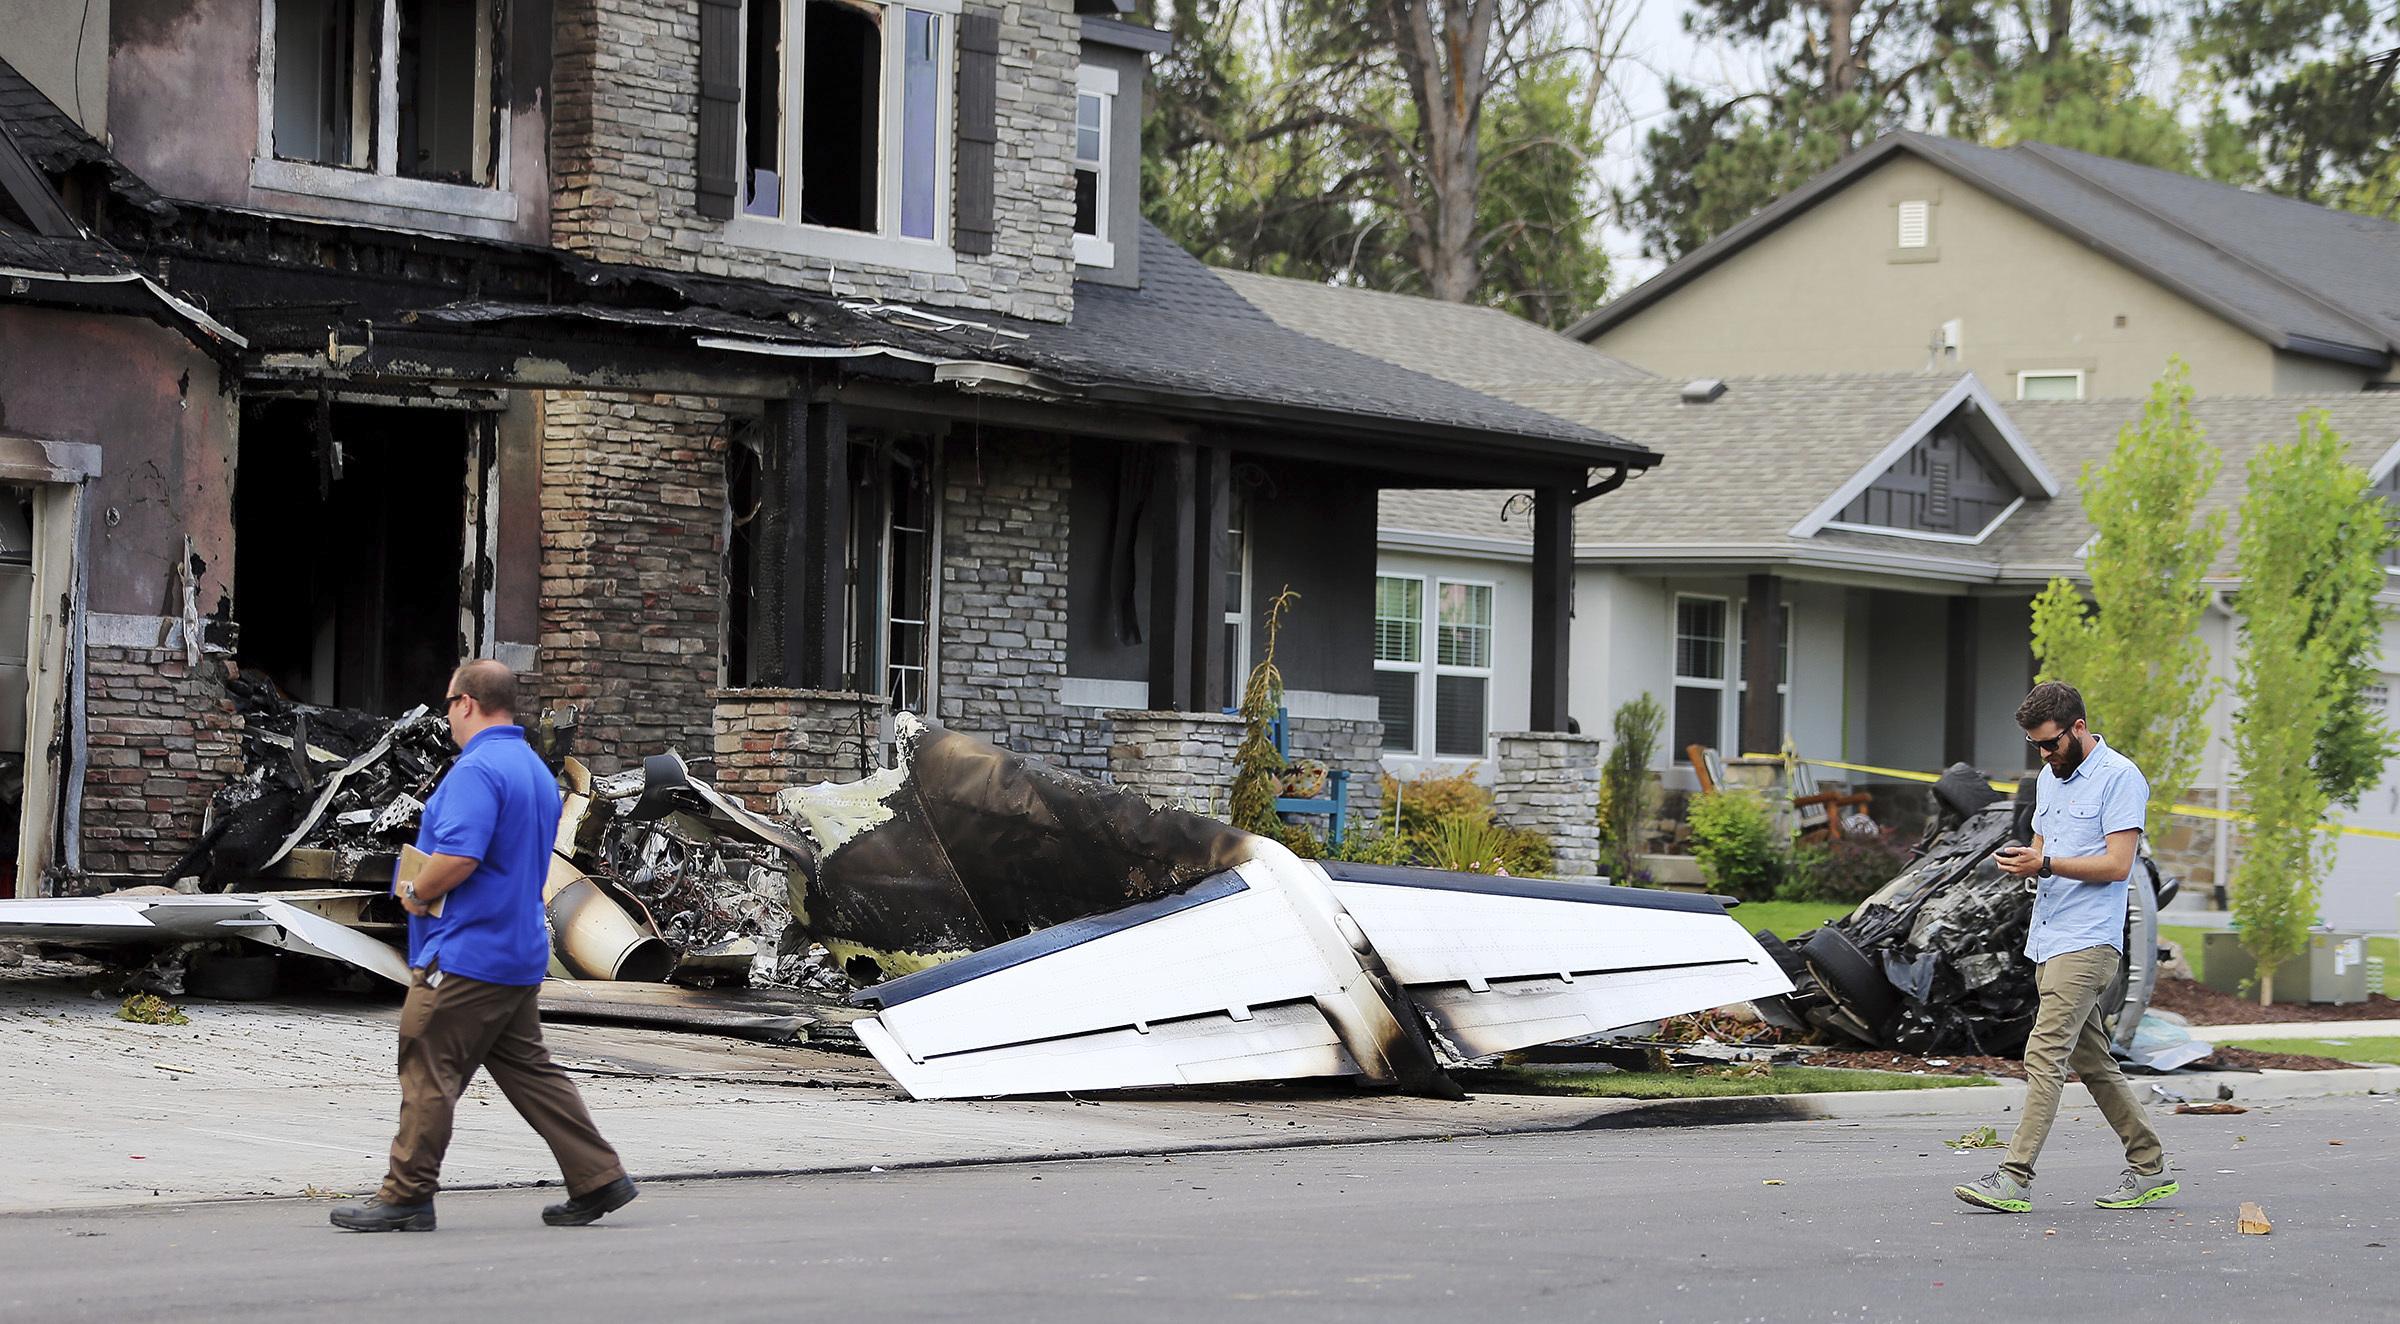 Encouraging Duane Youd Crashed Plane Into Own Home Utah After Arrest Utah After Arrest Forassaulting Police Say Washington Times Duane Youd Crashed Plane Into Own Home curbed Colin Kaepernick House